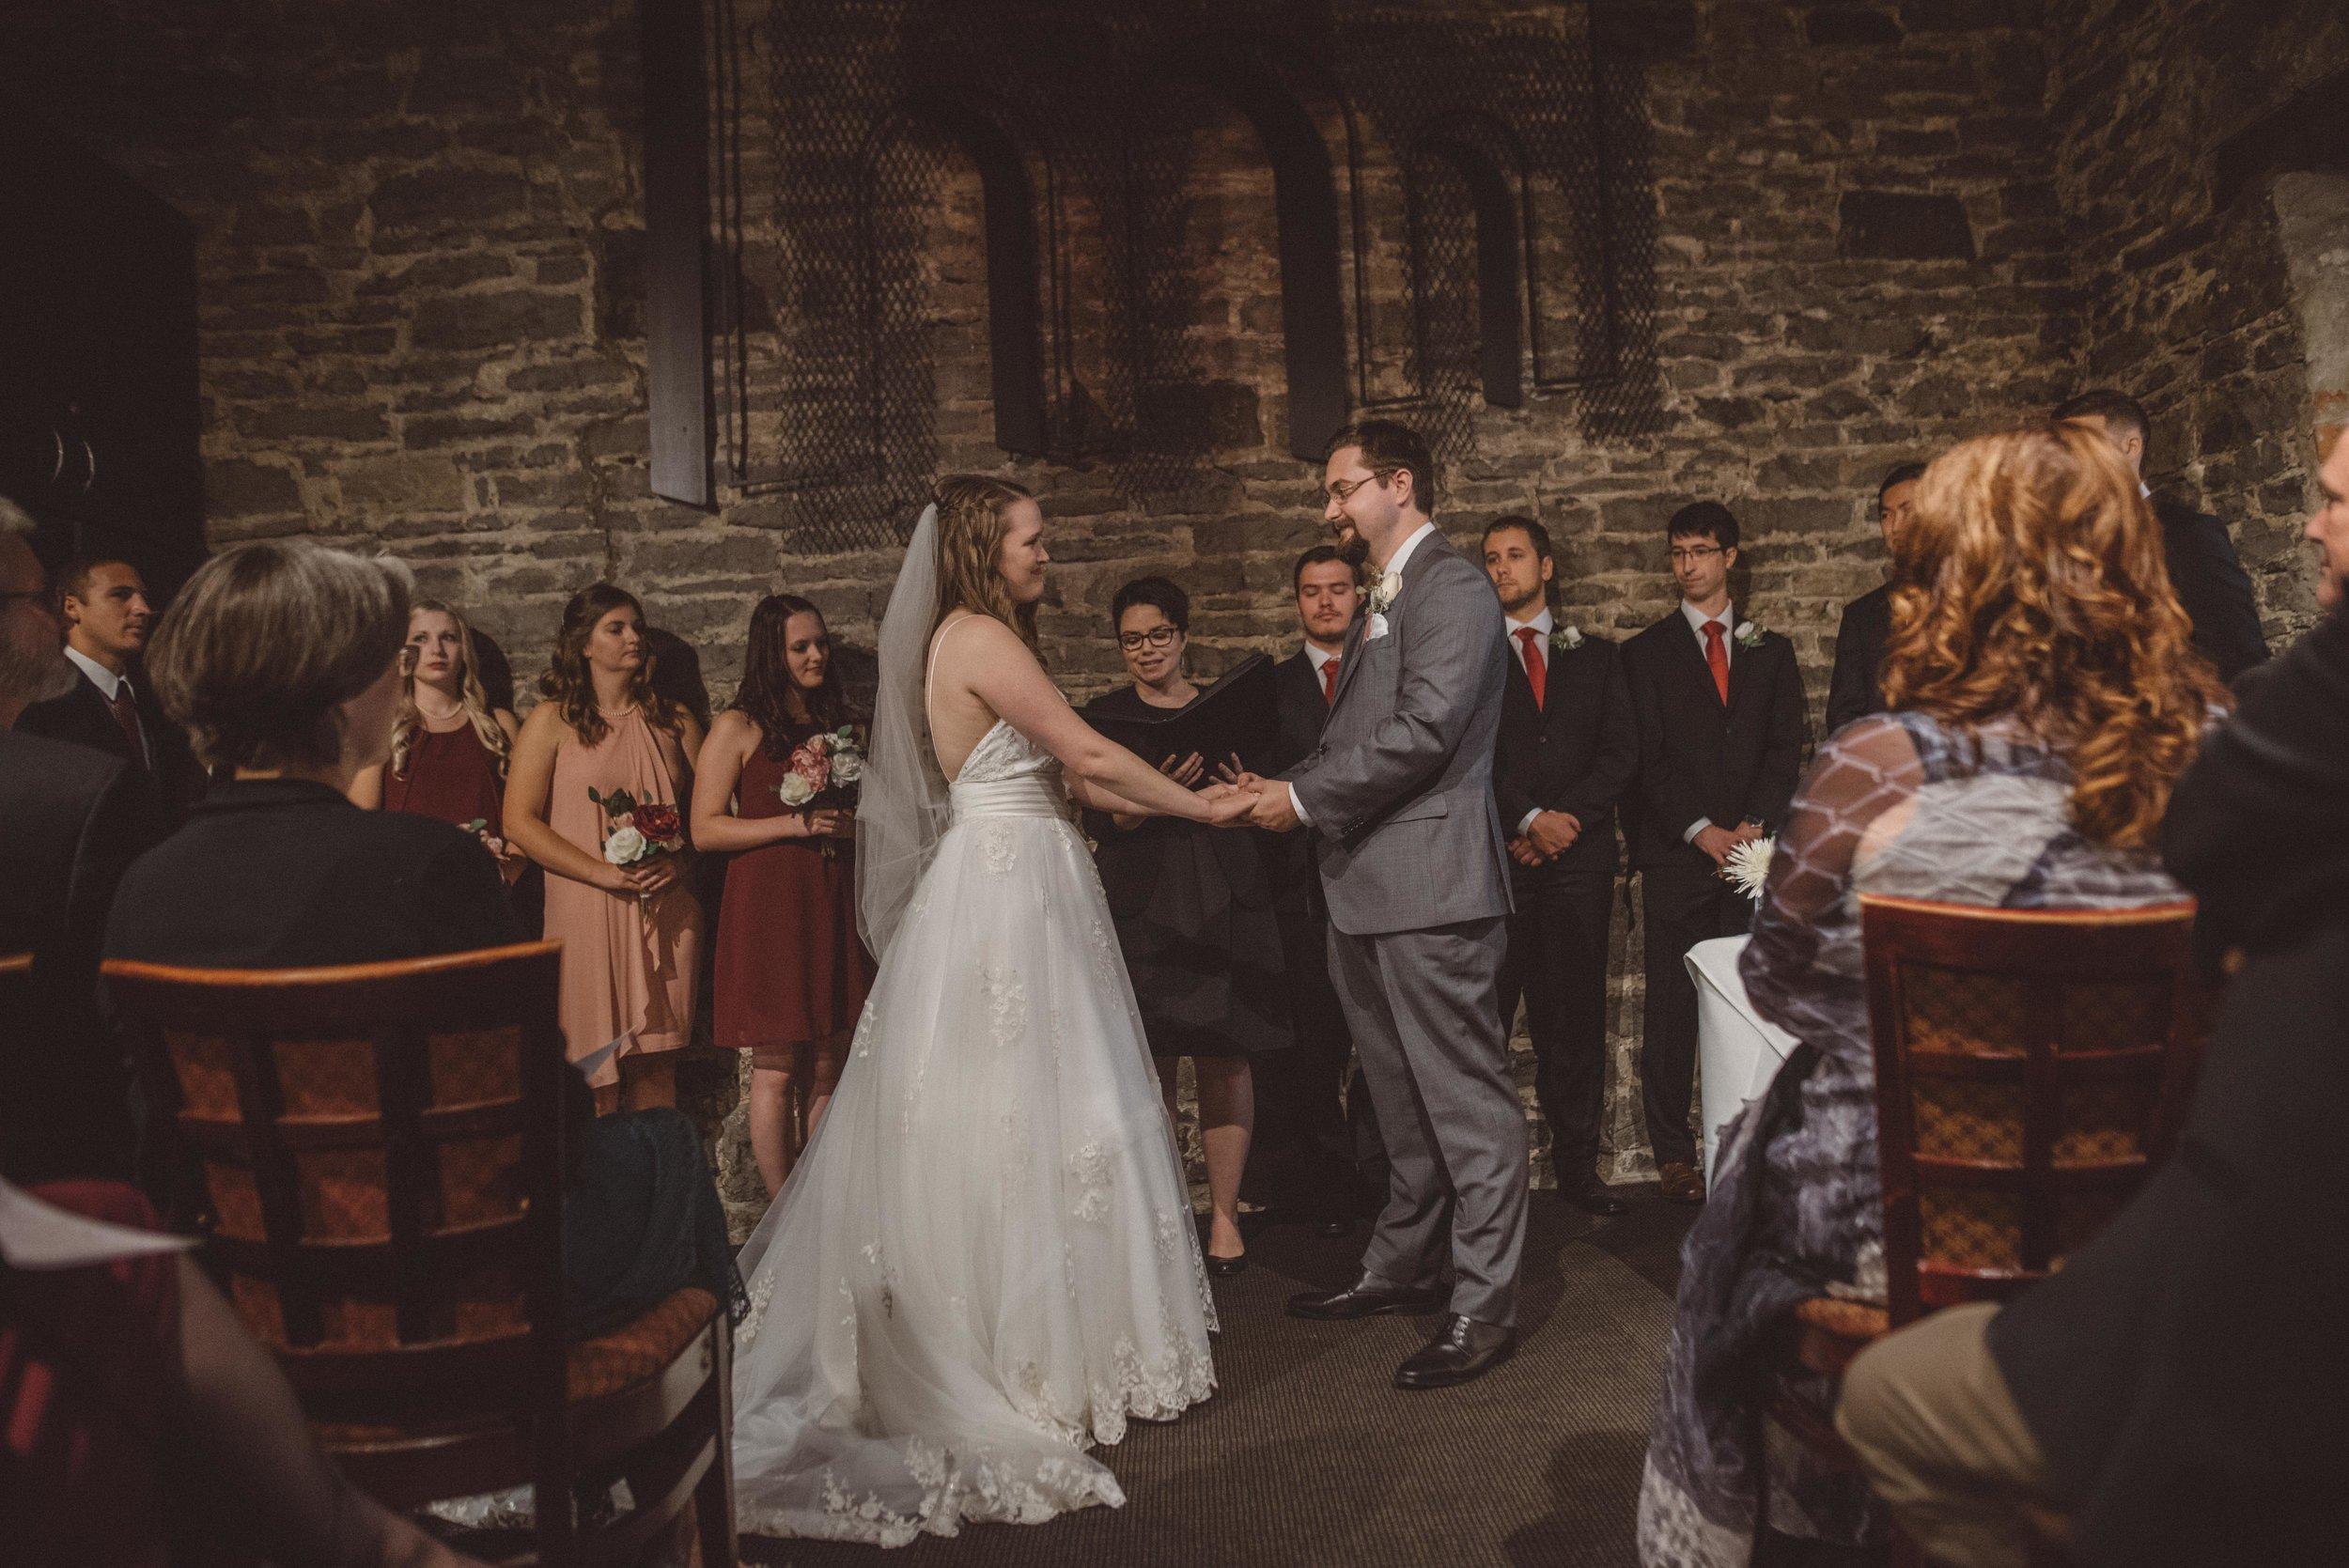 wedding_photographer_lifestyle_documentary_photographe_ottawa_gatineau-36.jpg